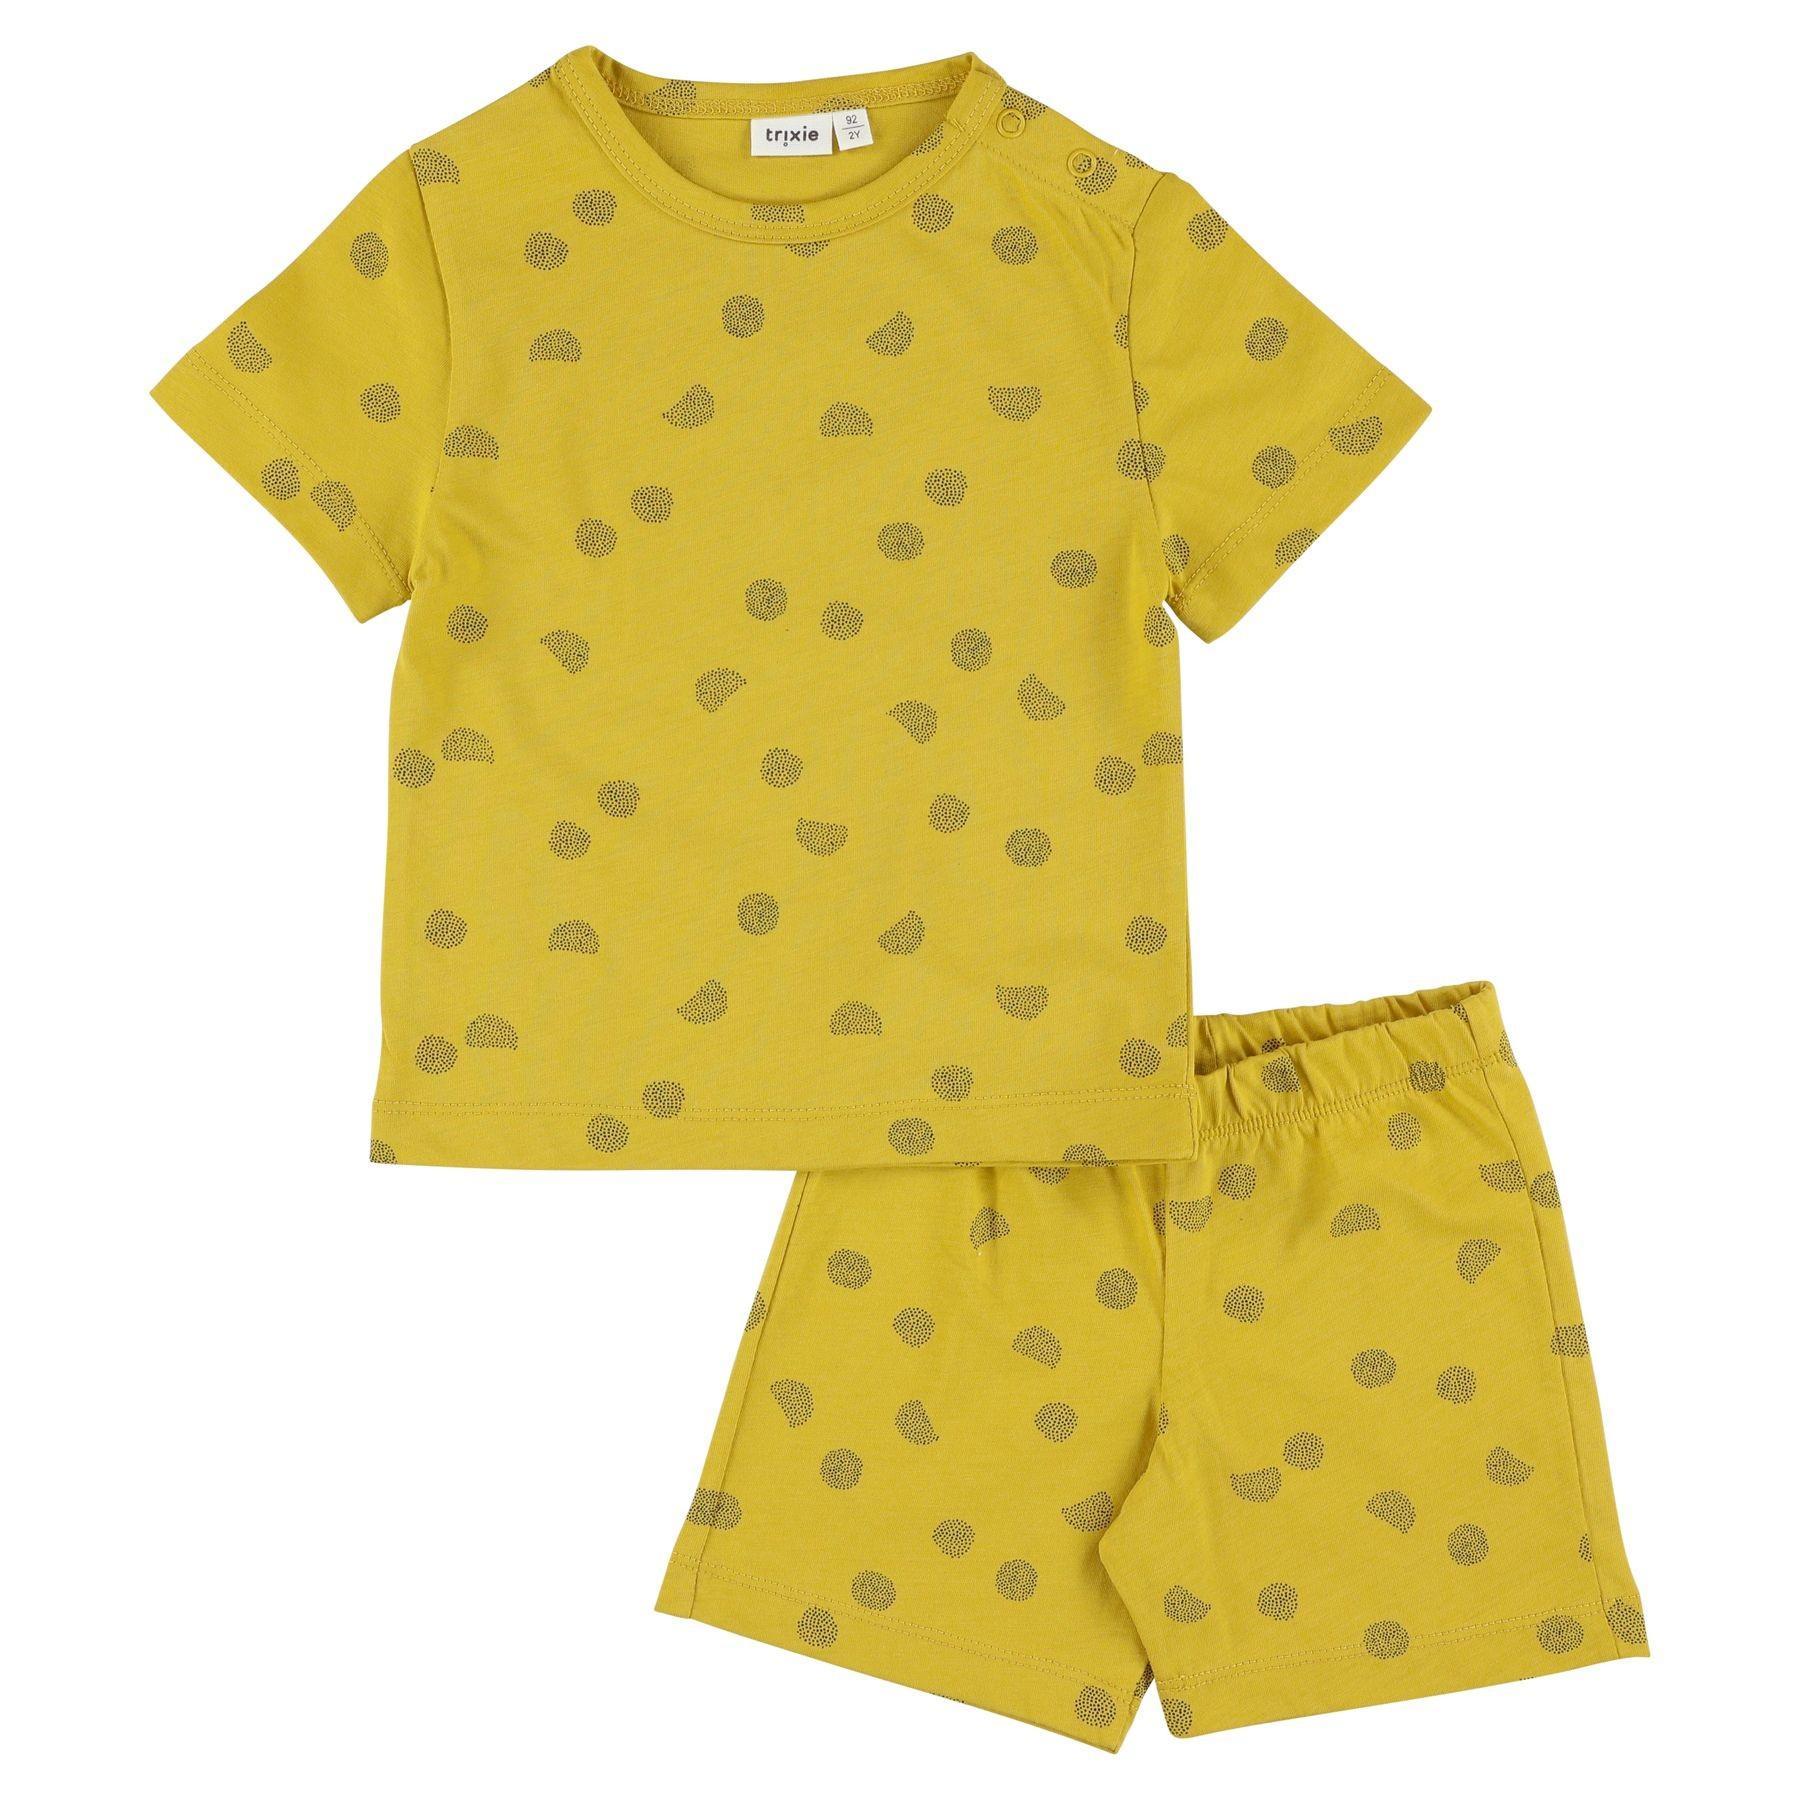 Trixie - 2-delige pyjama kort - Sunny Spots - 2Y